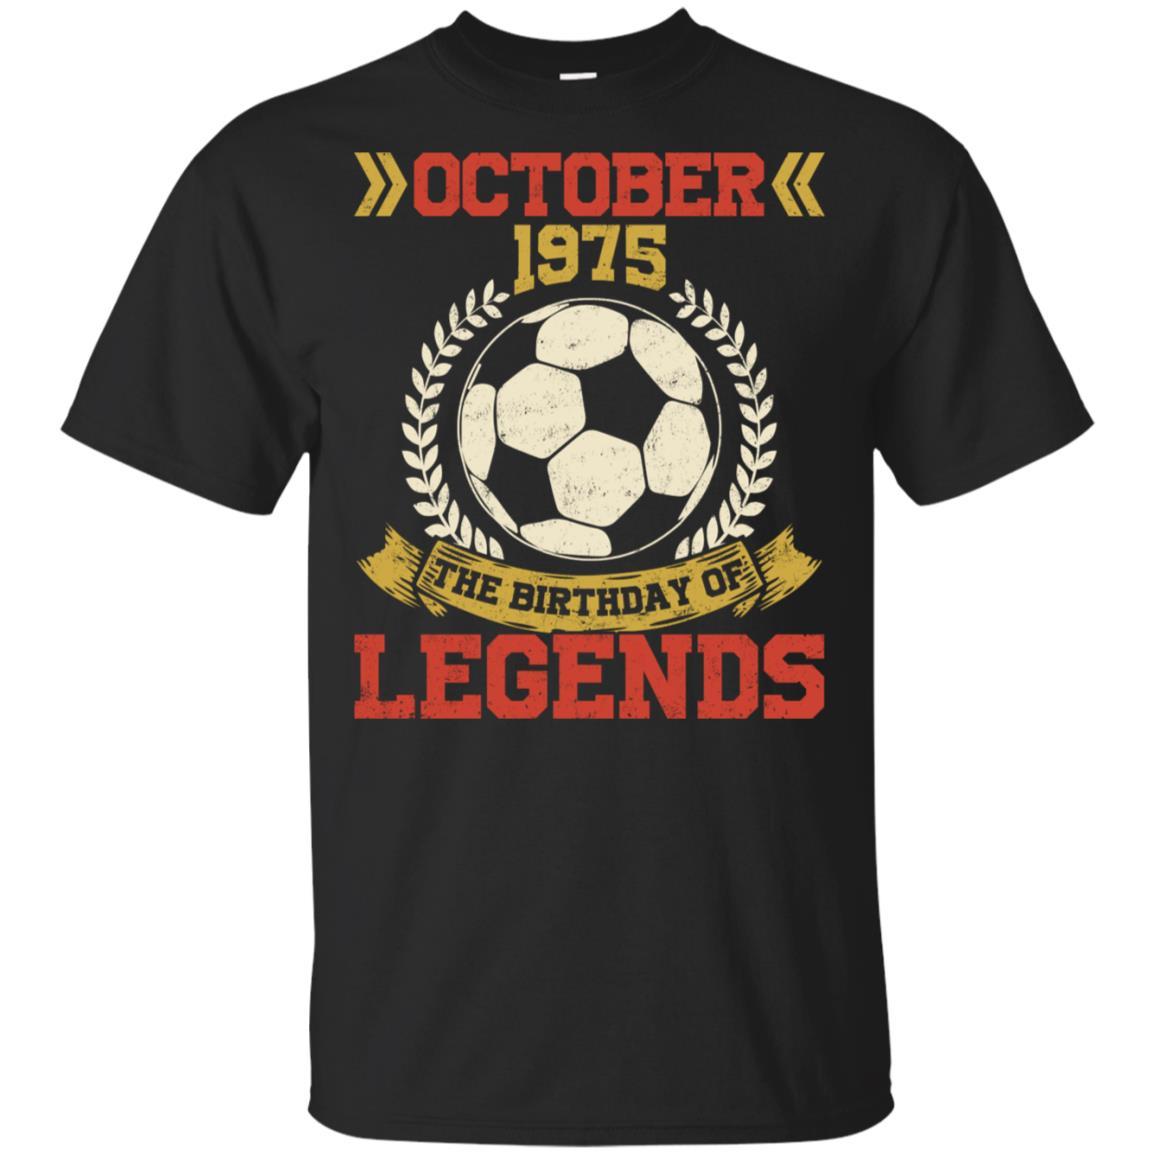 1975 October 43rd Birthday Of Football Soccer Legend Unisex Short Sleeve